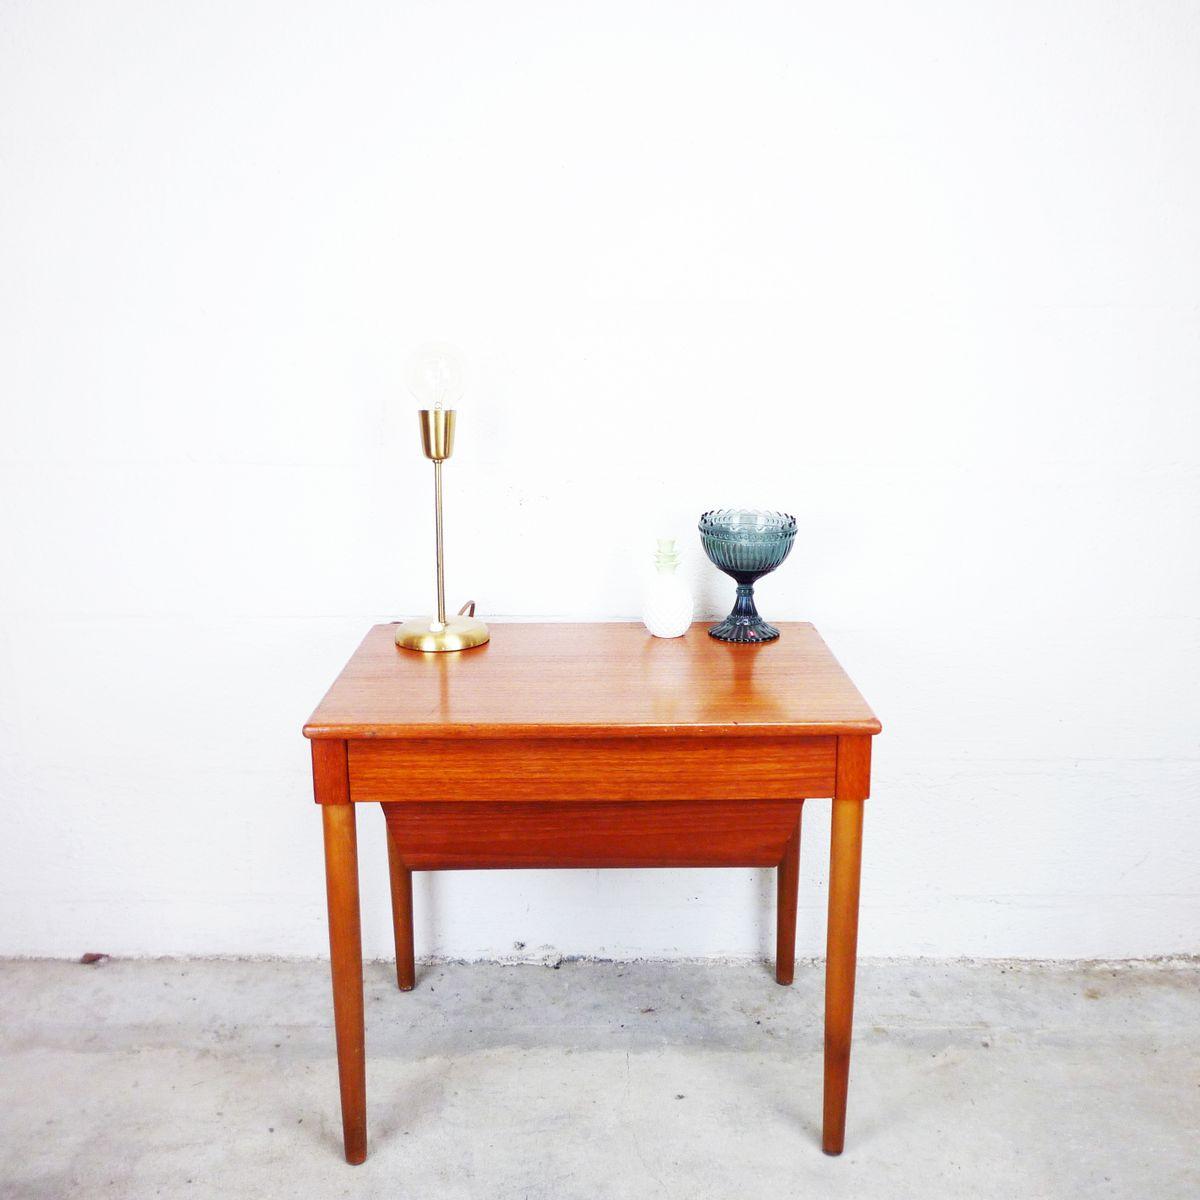 table de travail 1960s en vente sur pamono. Black Bedroom Furniture Sets. Home Design Ideas